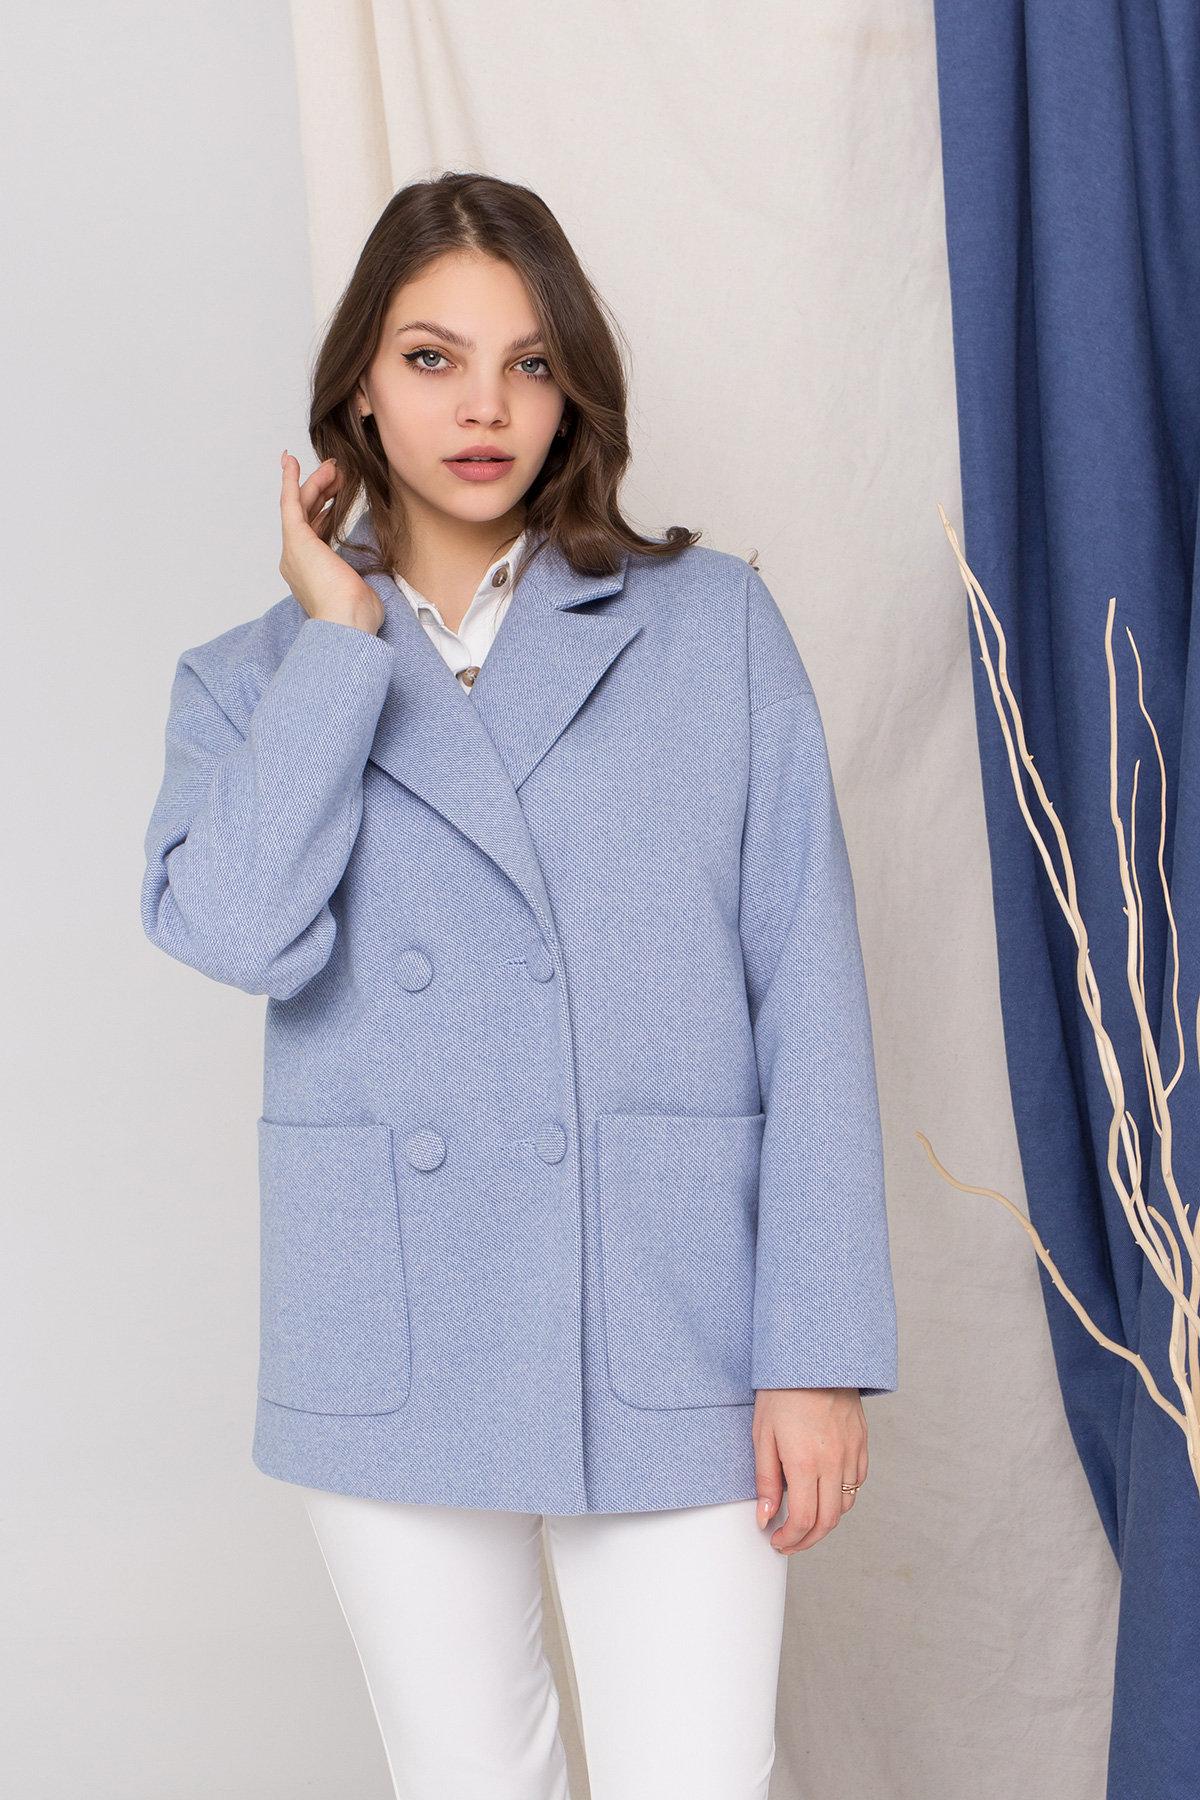 Пальто Мансера 8987 АРТ. 45304 Цвет: Голубой - фото 3, интернет магазин tm-modus.ru